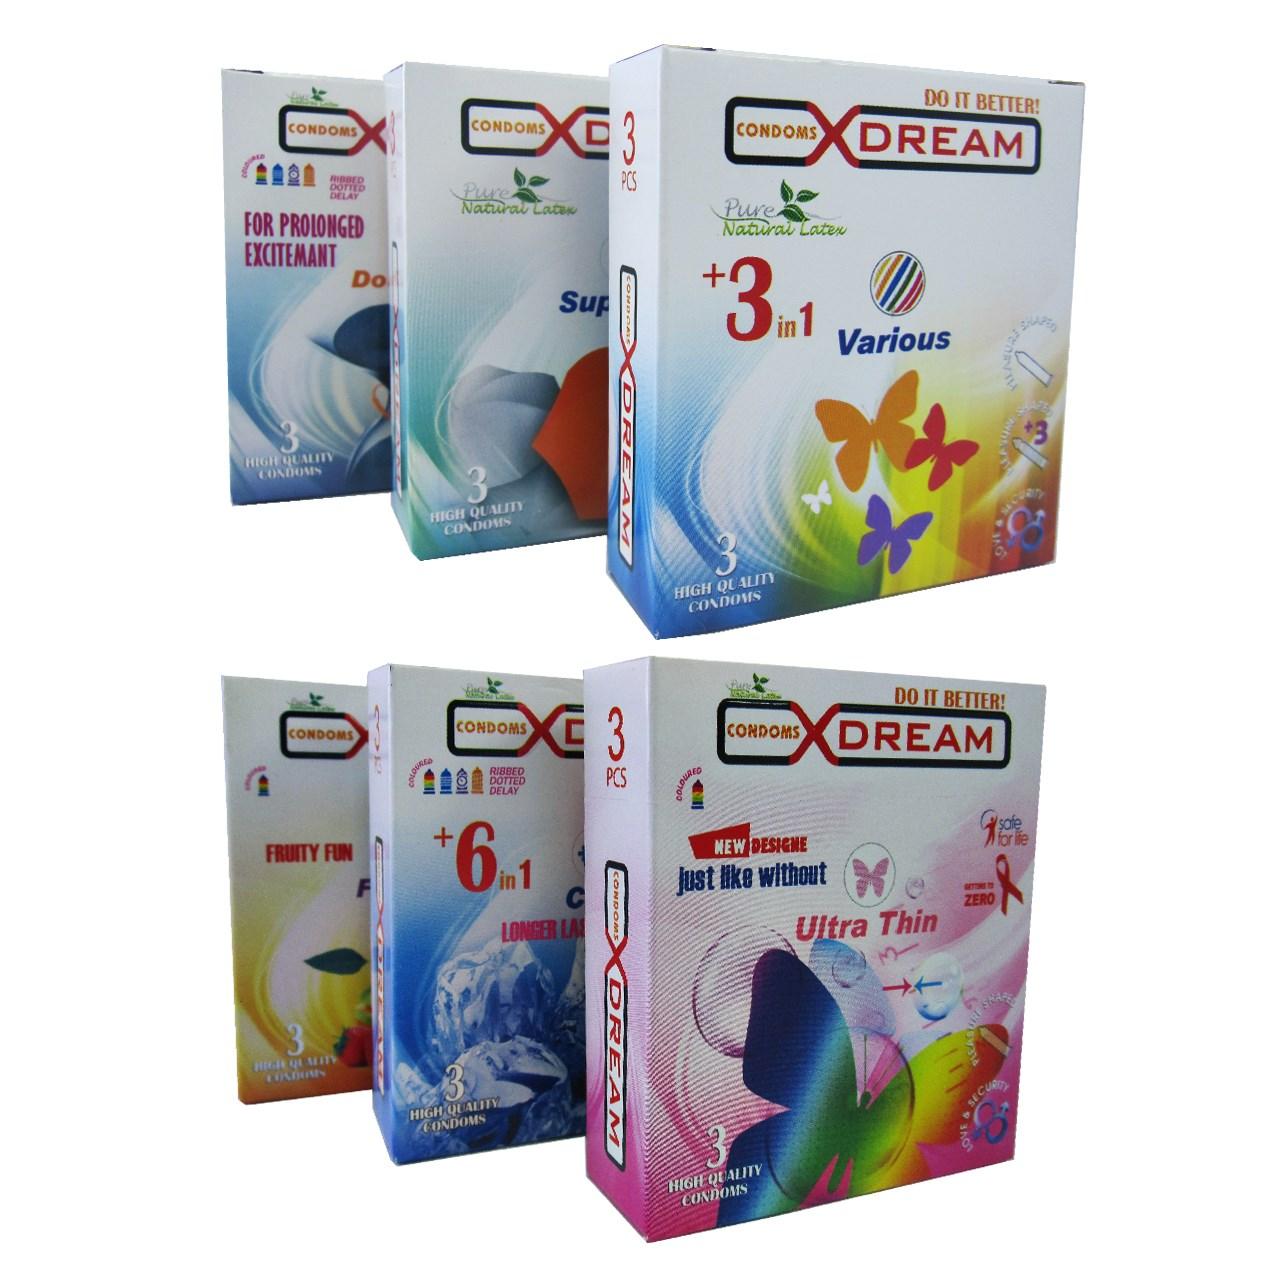 قیمت پک 6 بسته ای کاندوم ایکس دریم مدل جور 4 بسته 3 عددی